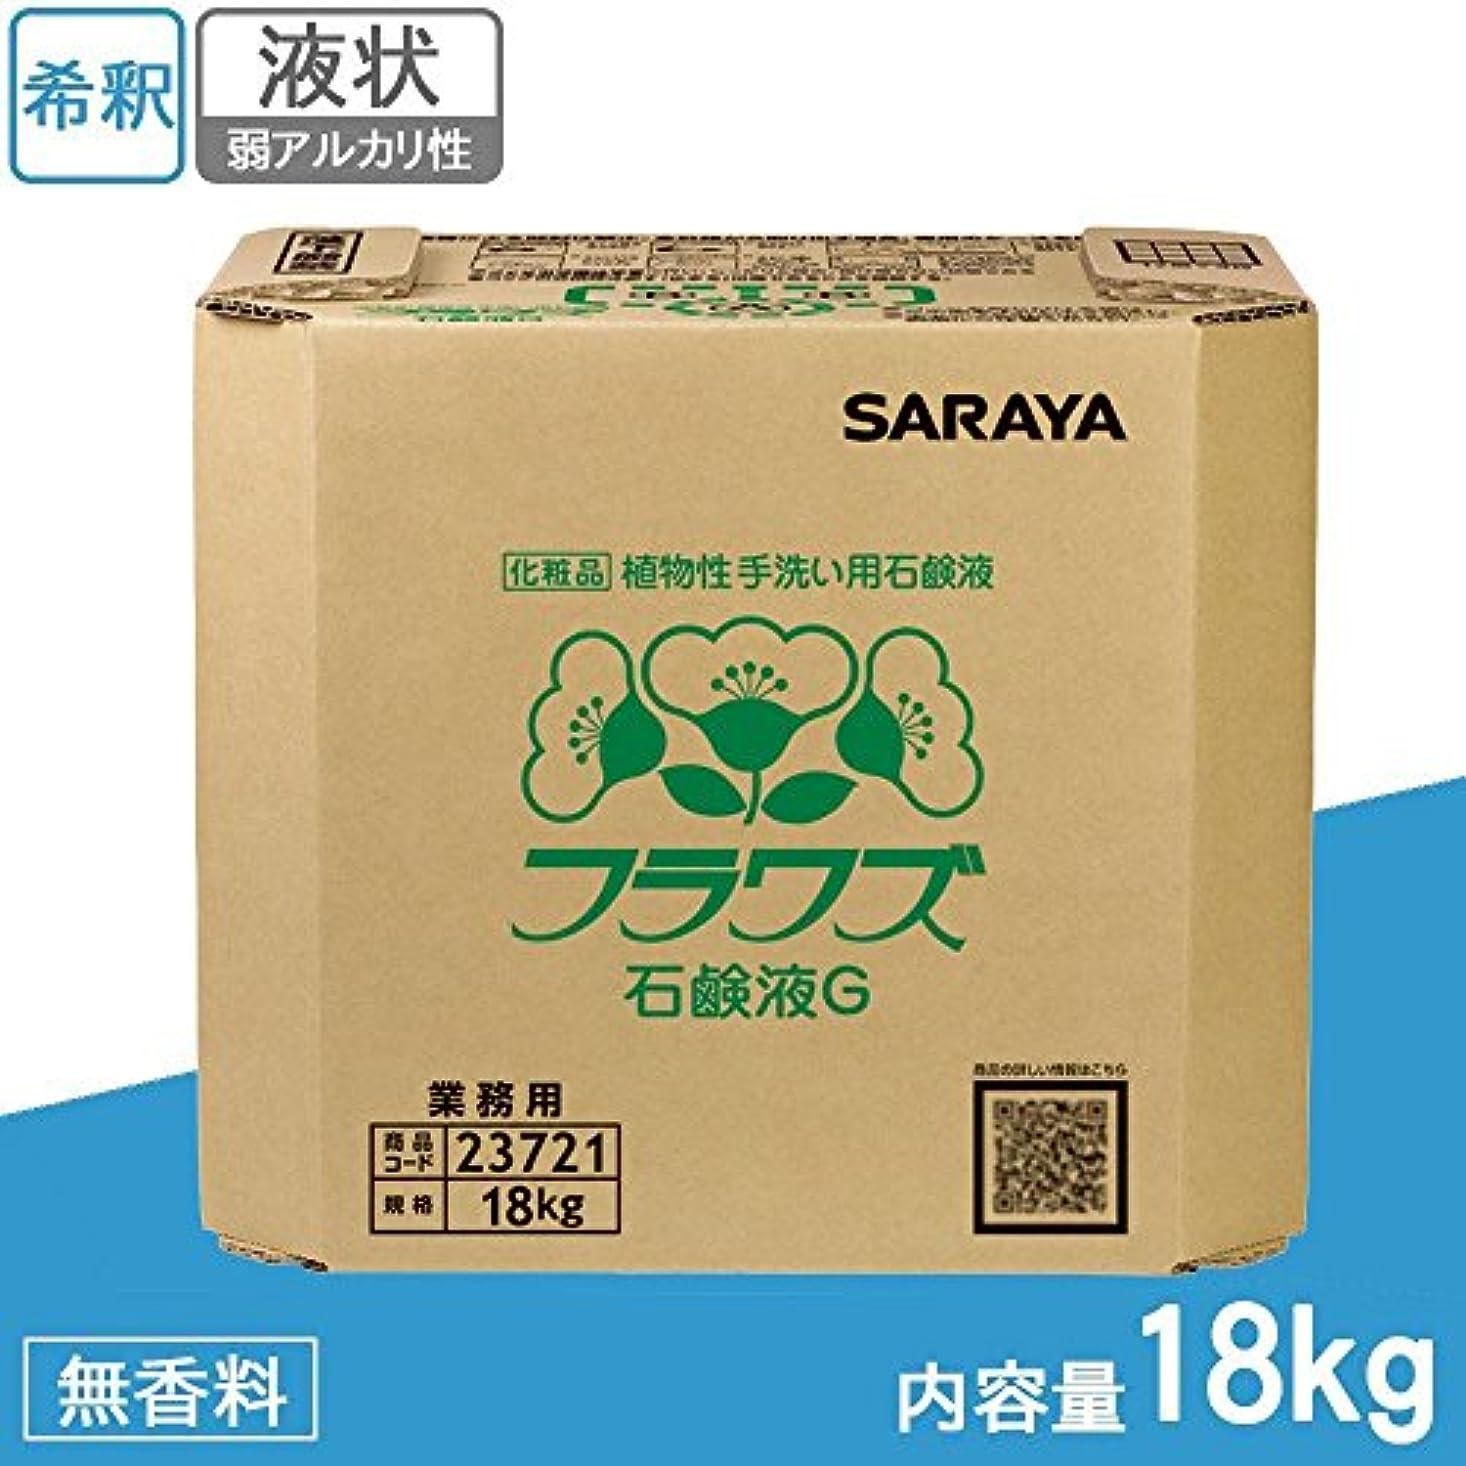 小さいしなければならない鹿サラヤ 業務用 植物性手洗い用石鹸液 フラワズ石鹸液G 18kg BIB 23721